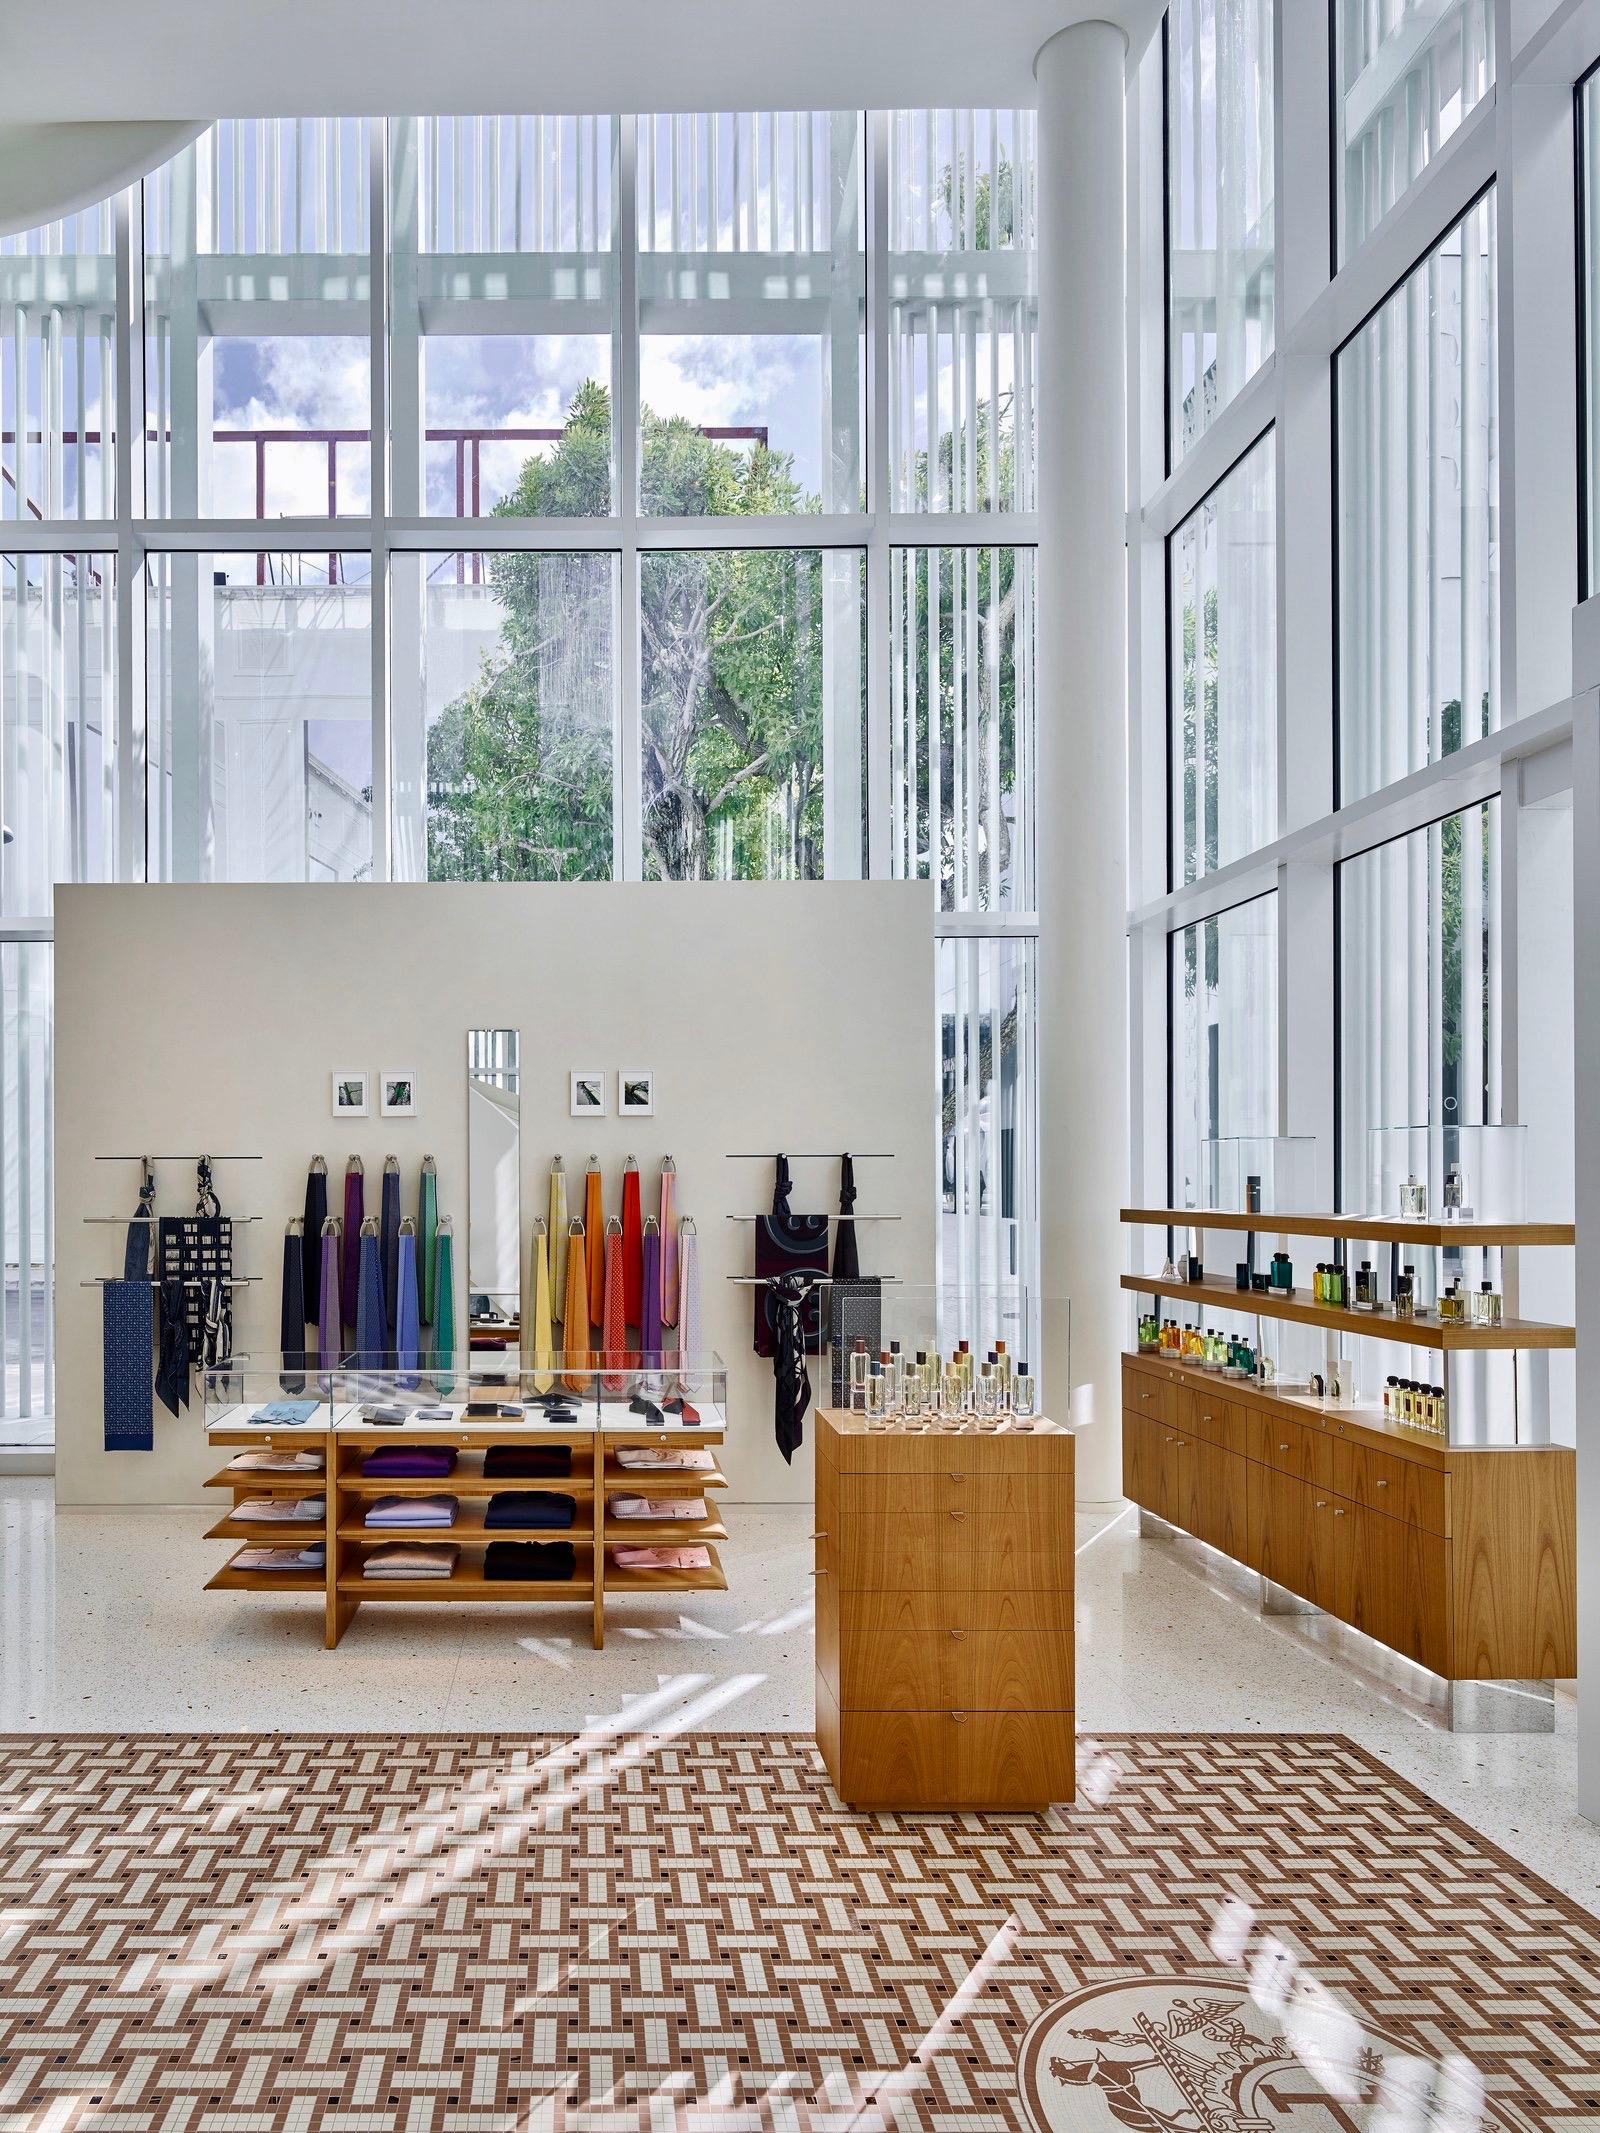 Hermès Store ¡La tienda de Hermès es una de las mas bellas que he visto! En el Miami Design District. Foto suministrada